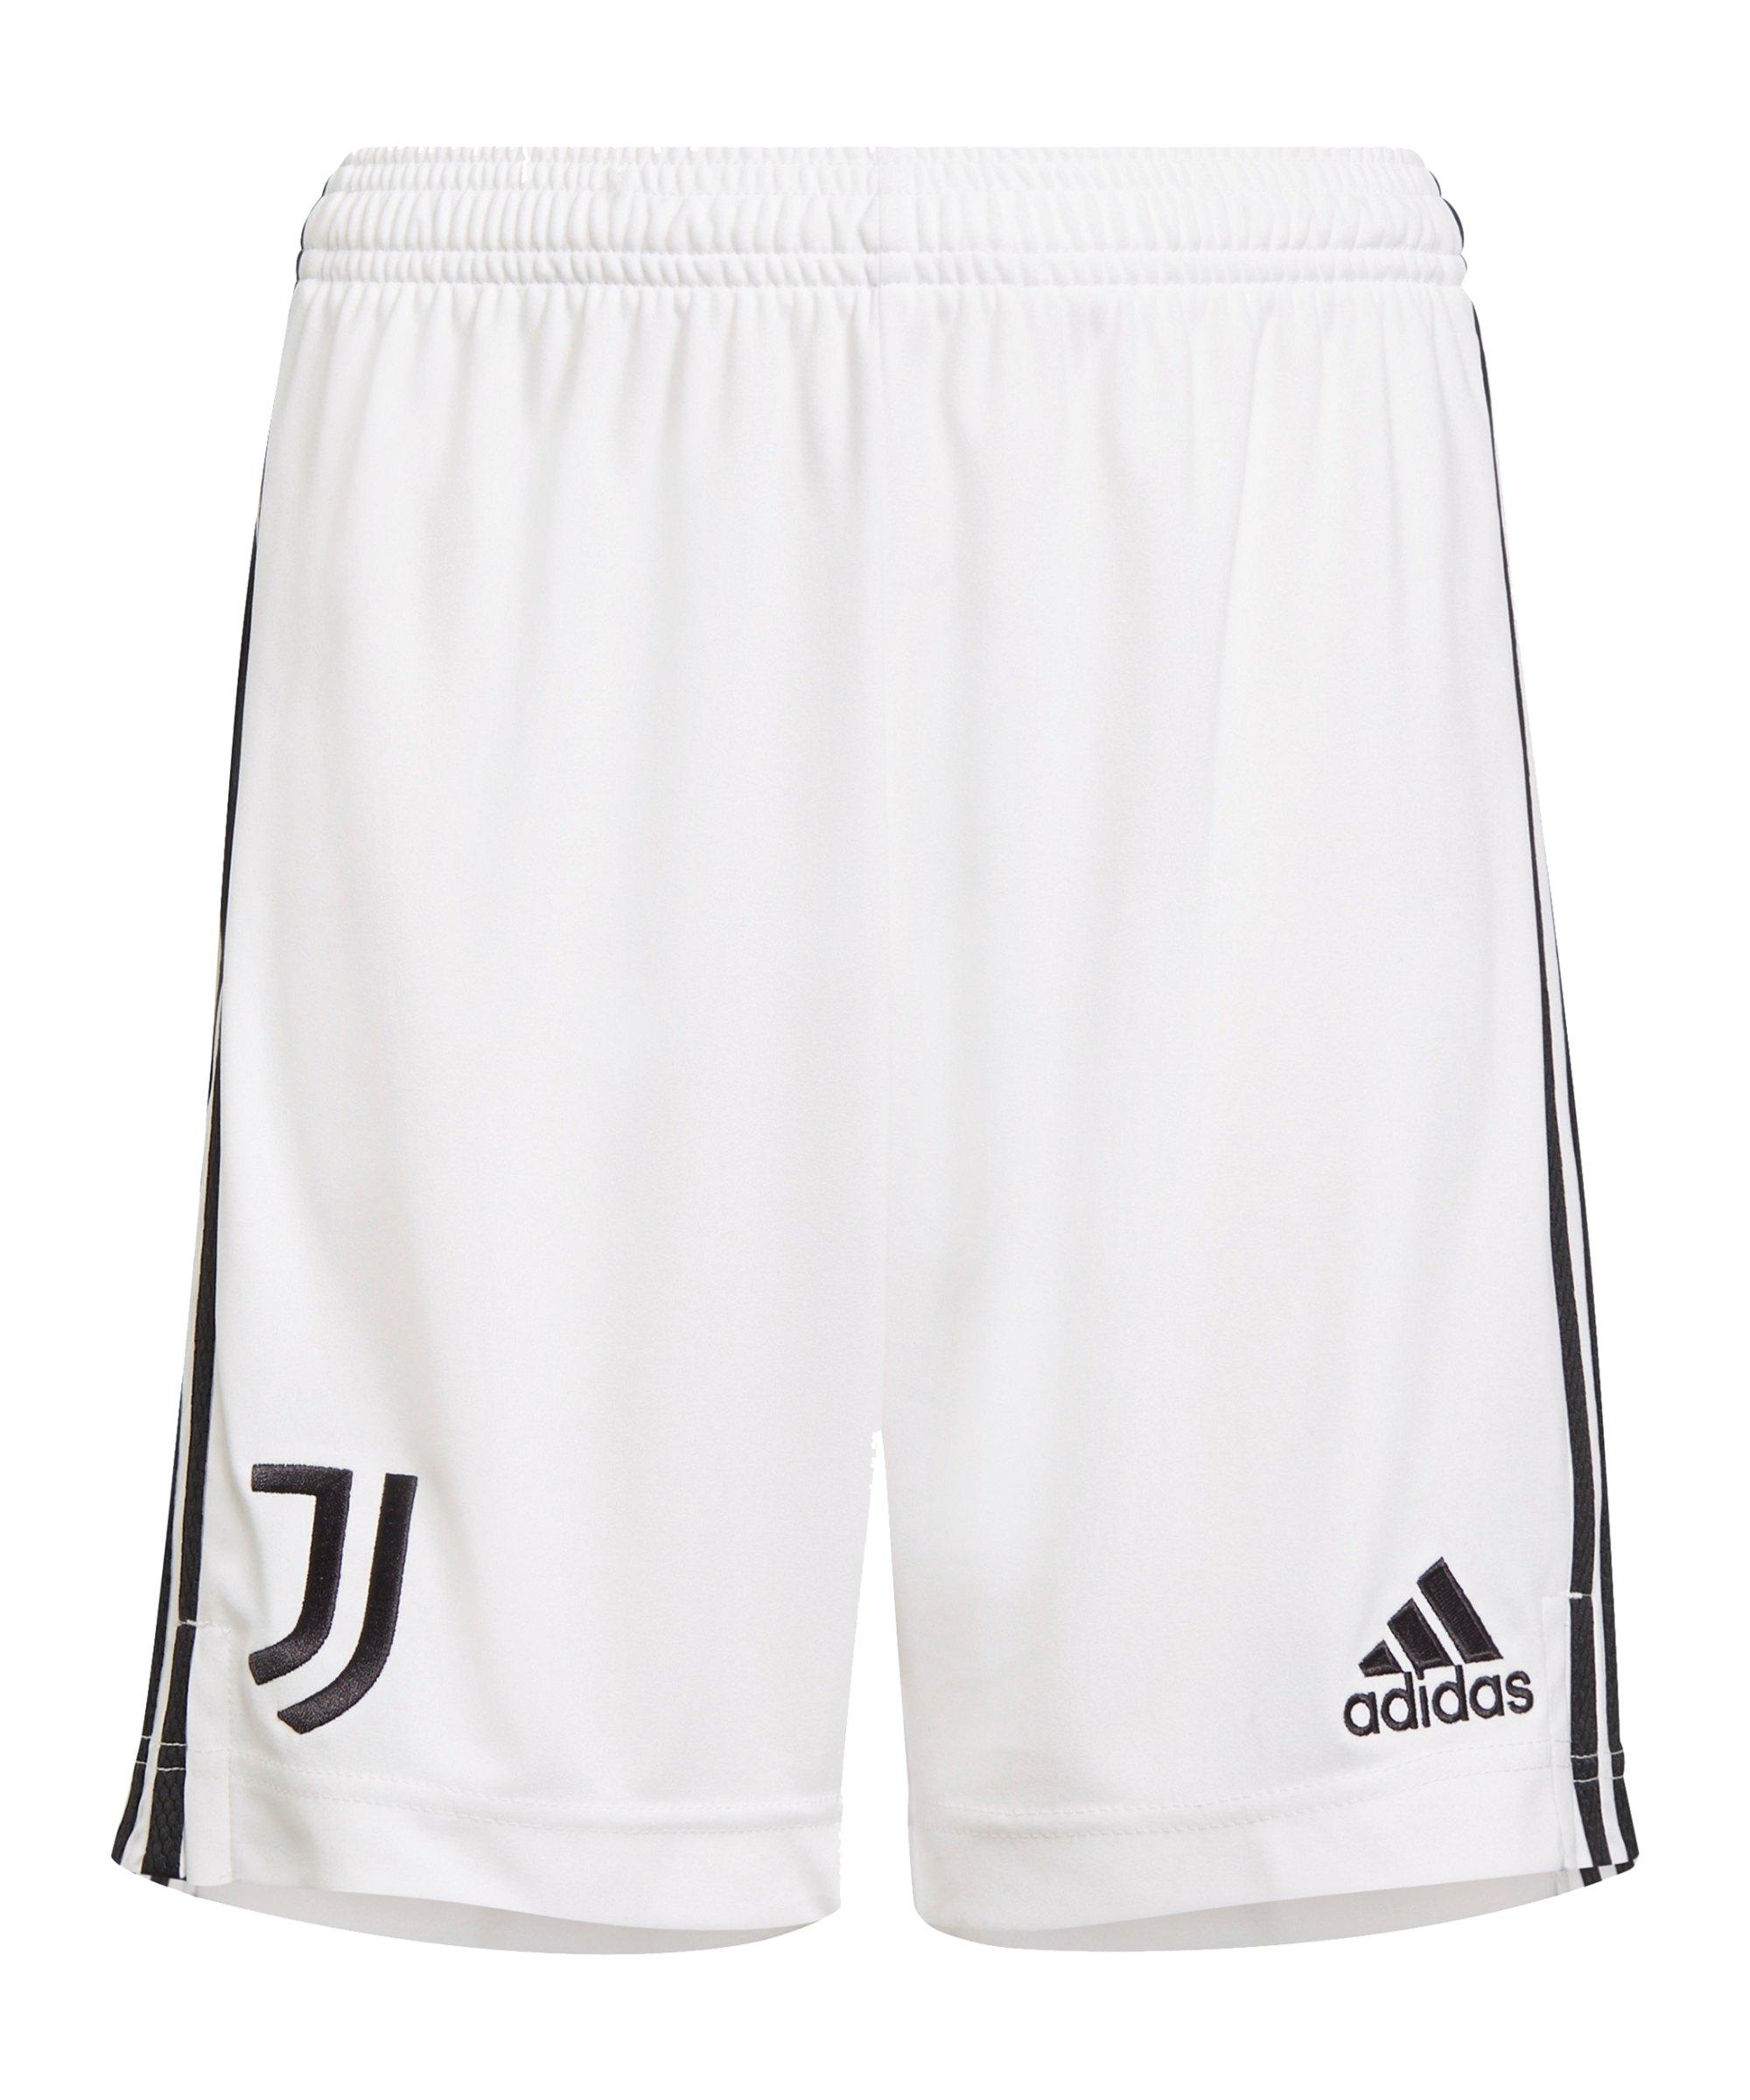 adidas Juventus Turin Short Home 2021/2022 Weiss - weiss